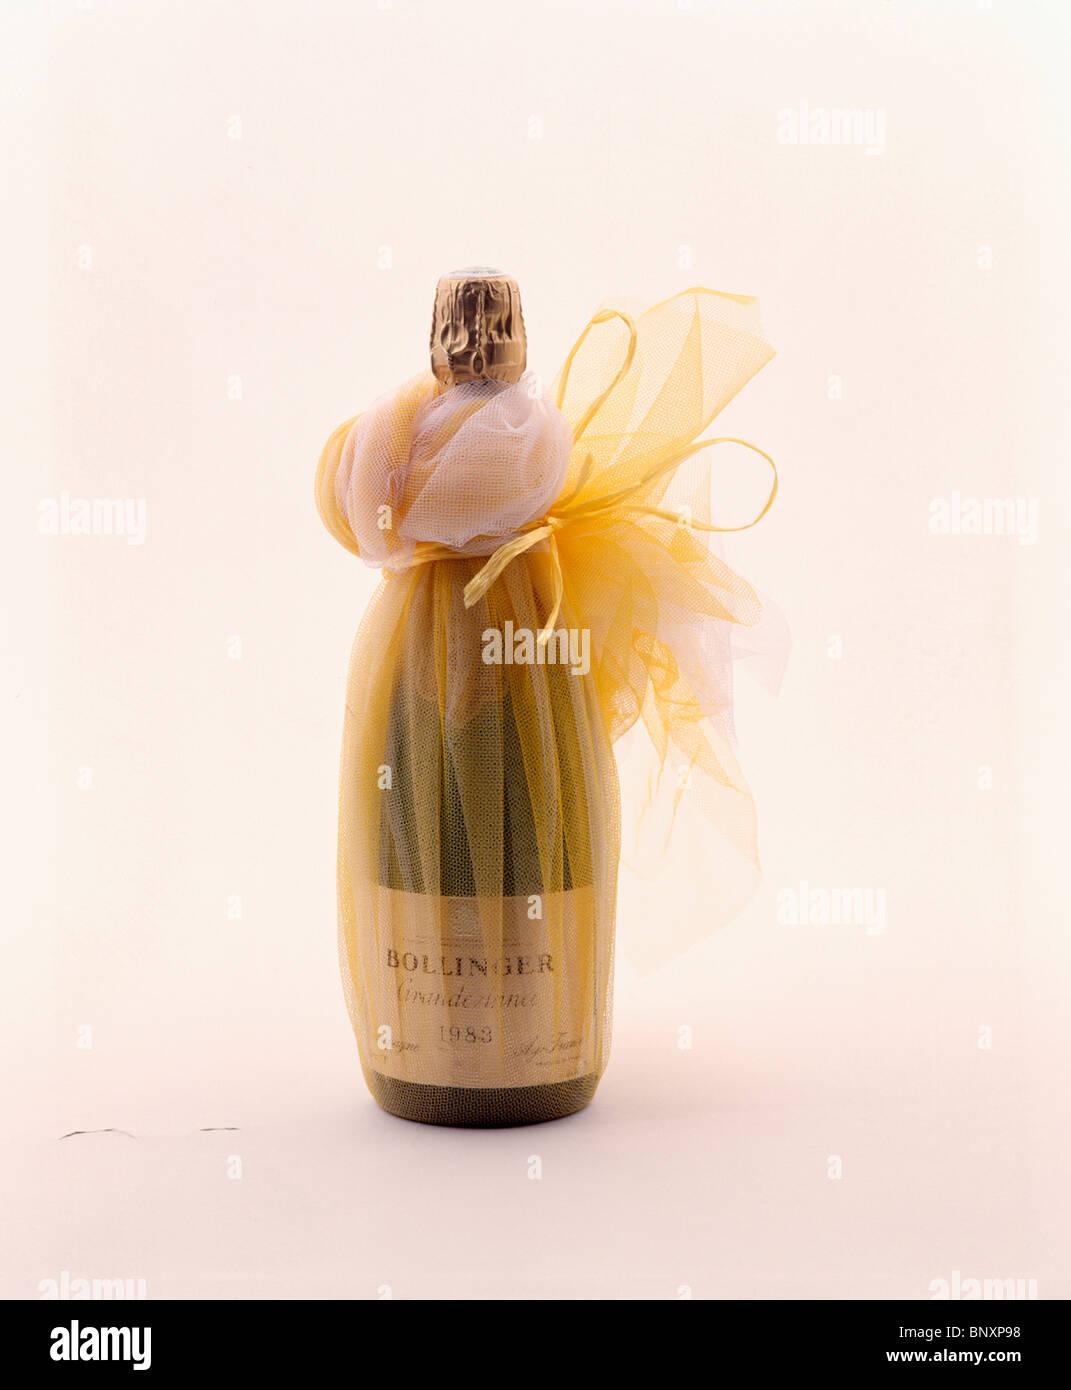 Favorit Nahaufnahme der Flasche Champagner mit gold Voile für Weihnachten QV61